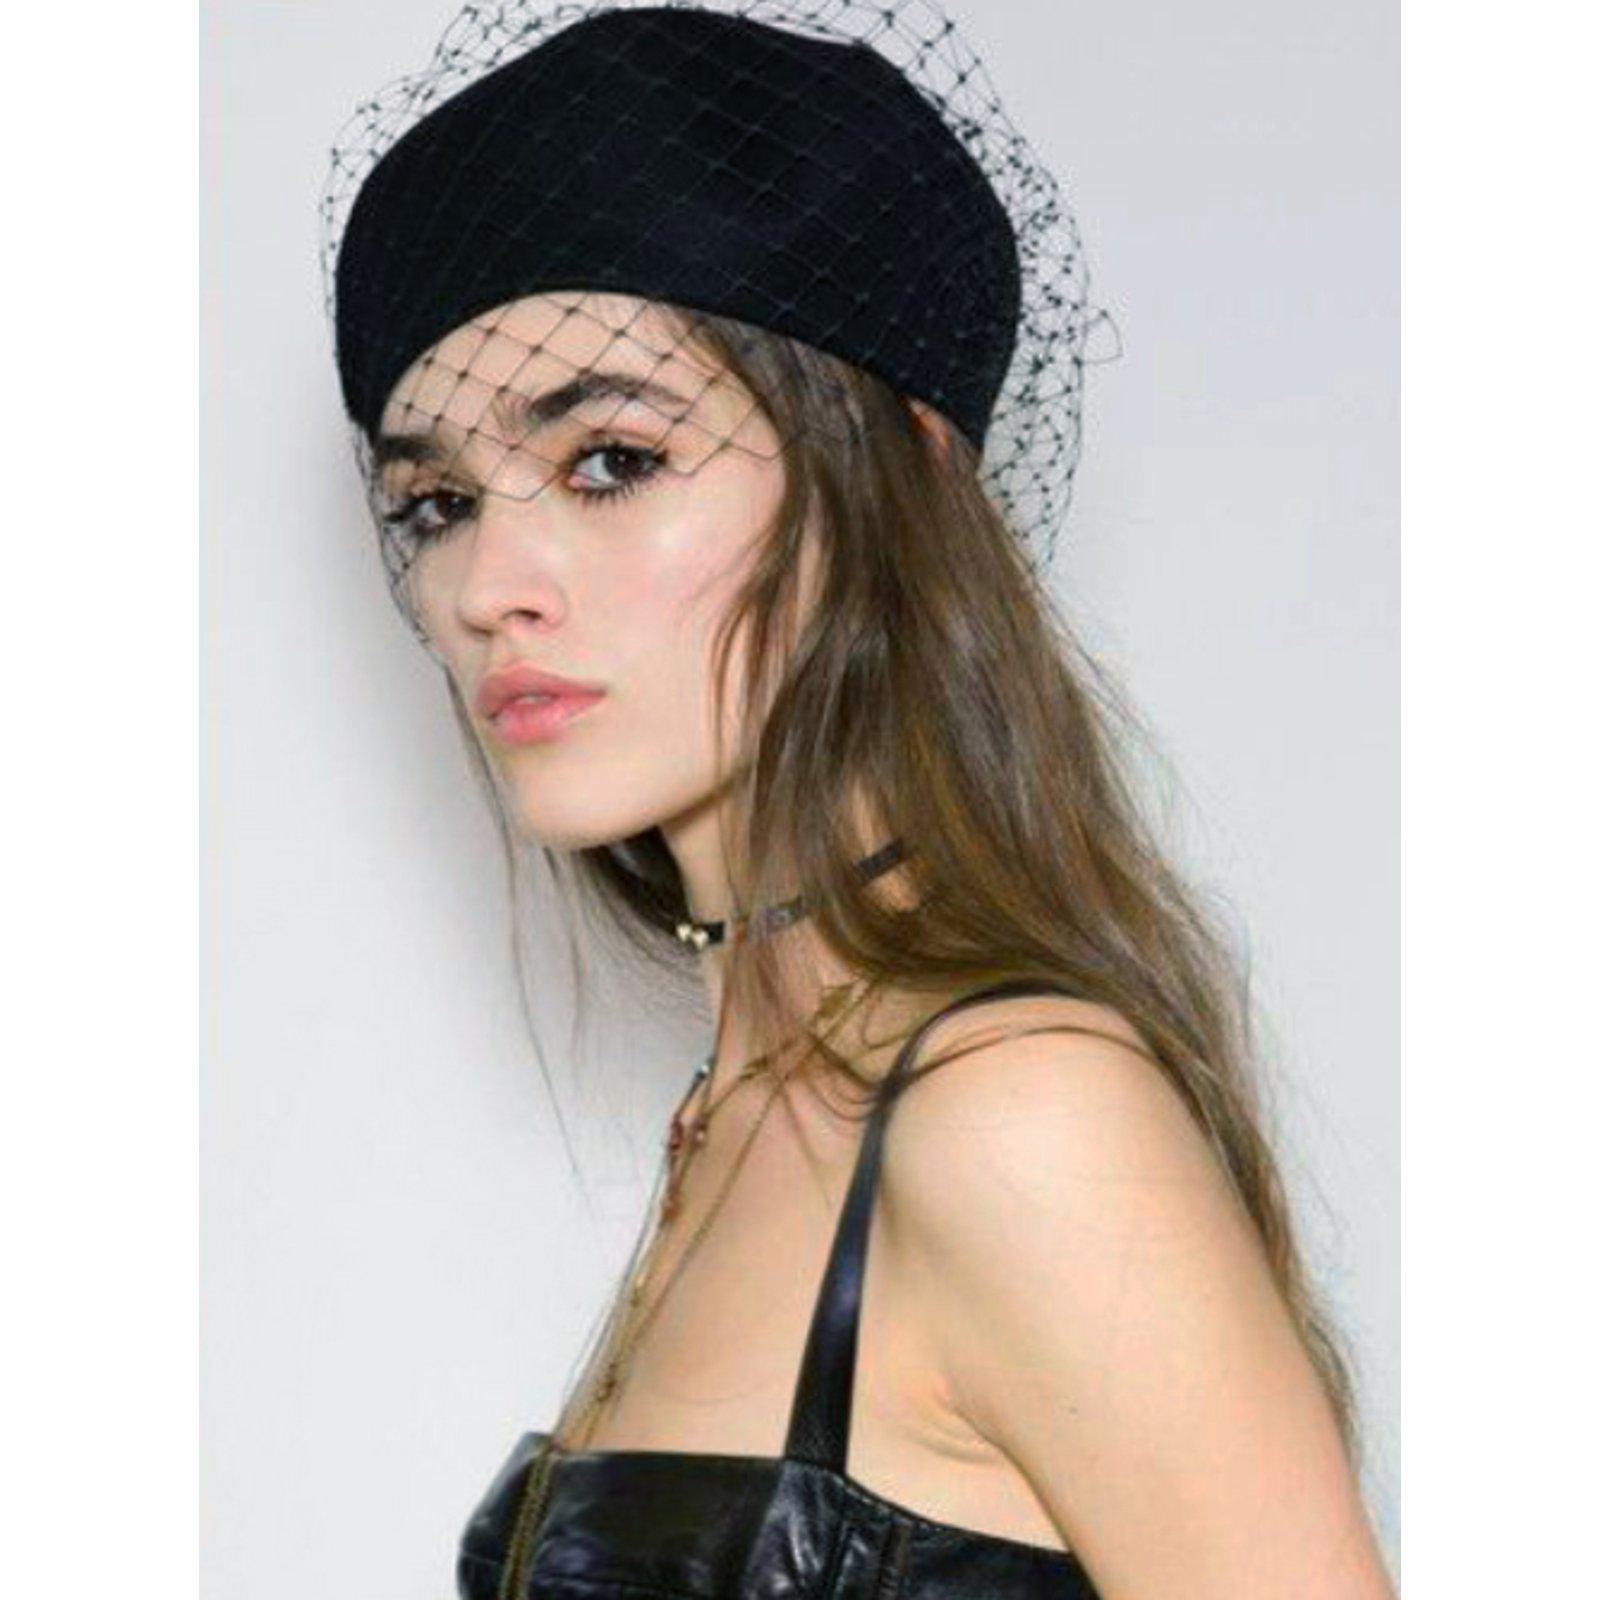 44d584337f0 Christian Dior Black Runway Beret Hats Cotton Black ref.62859 - Joli Closet